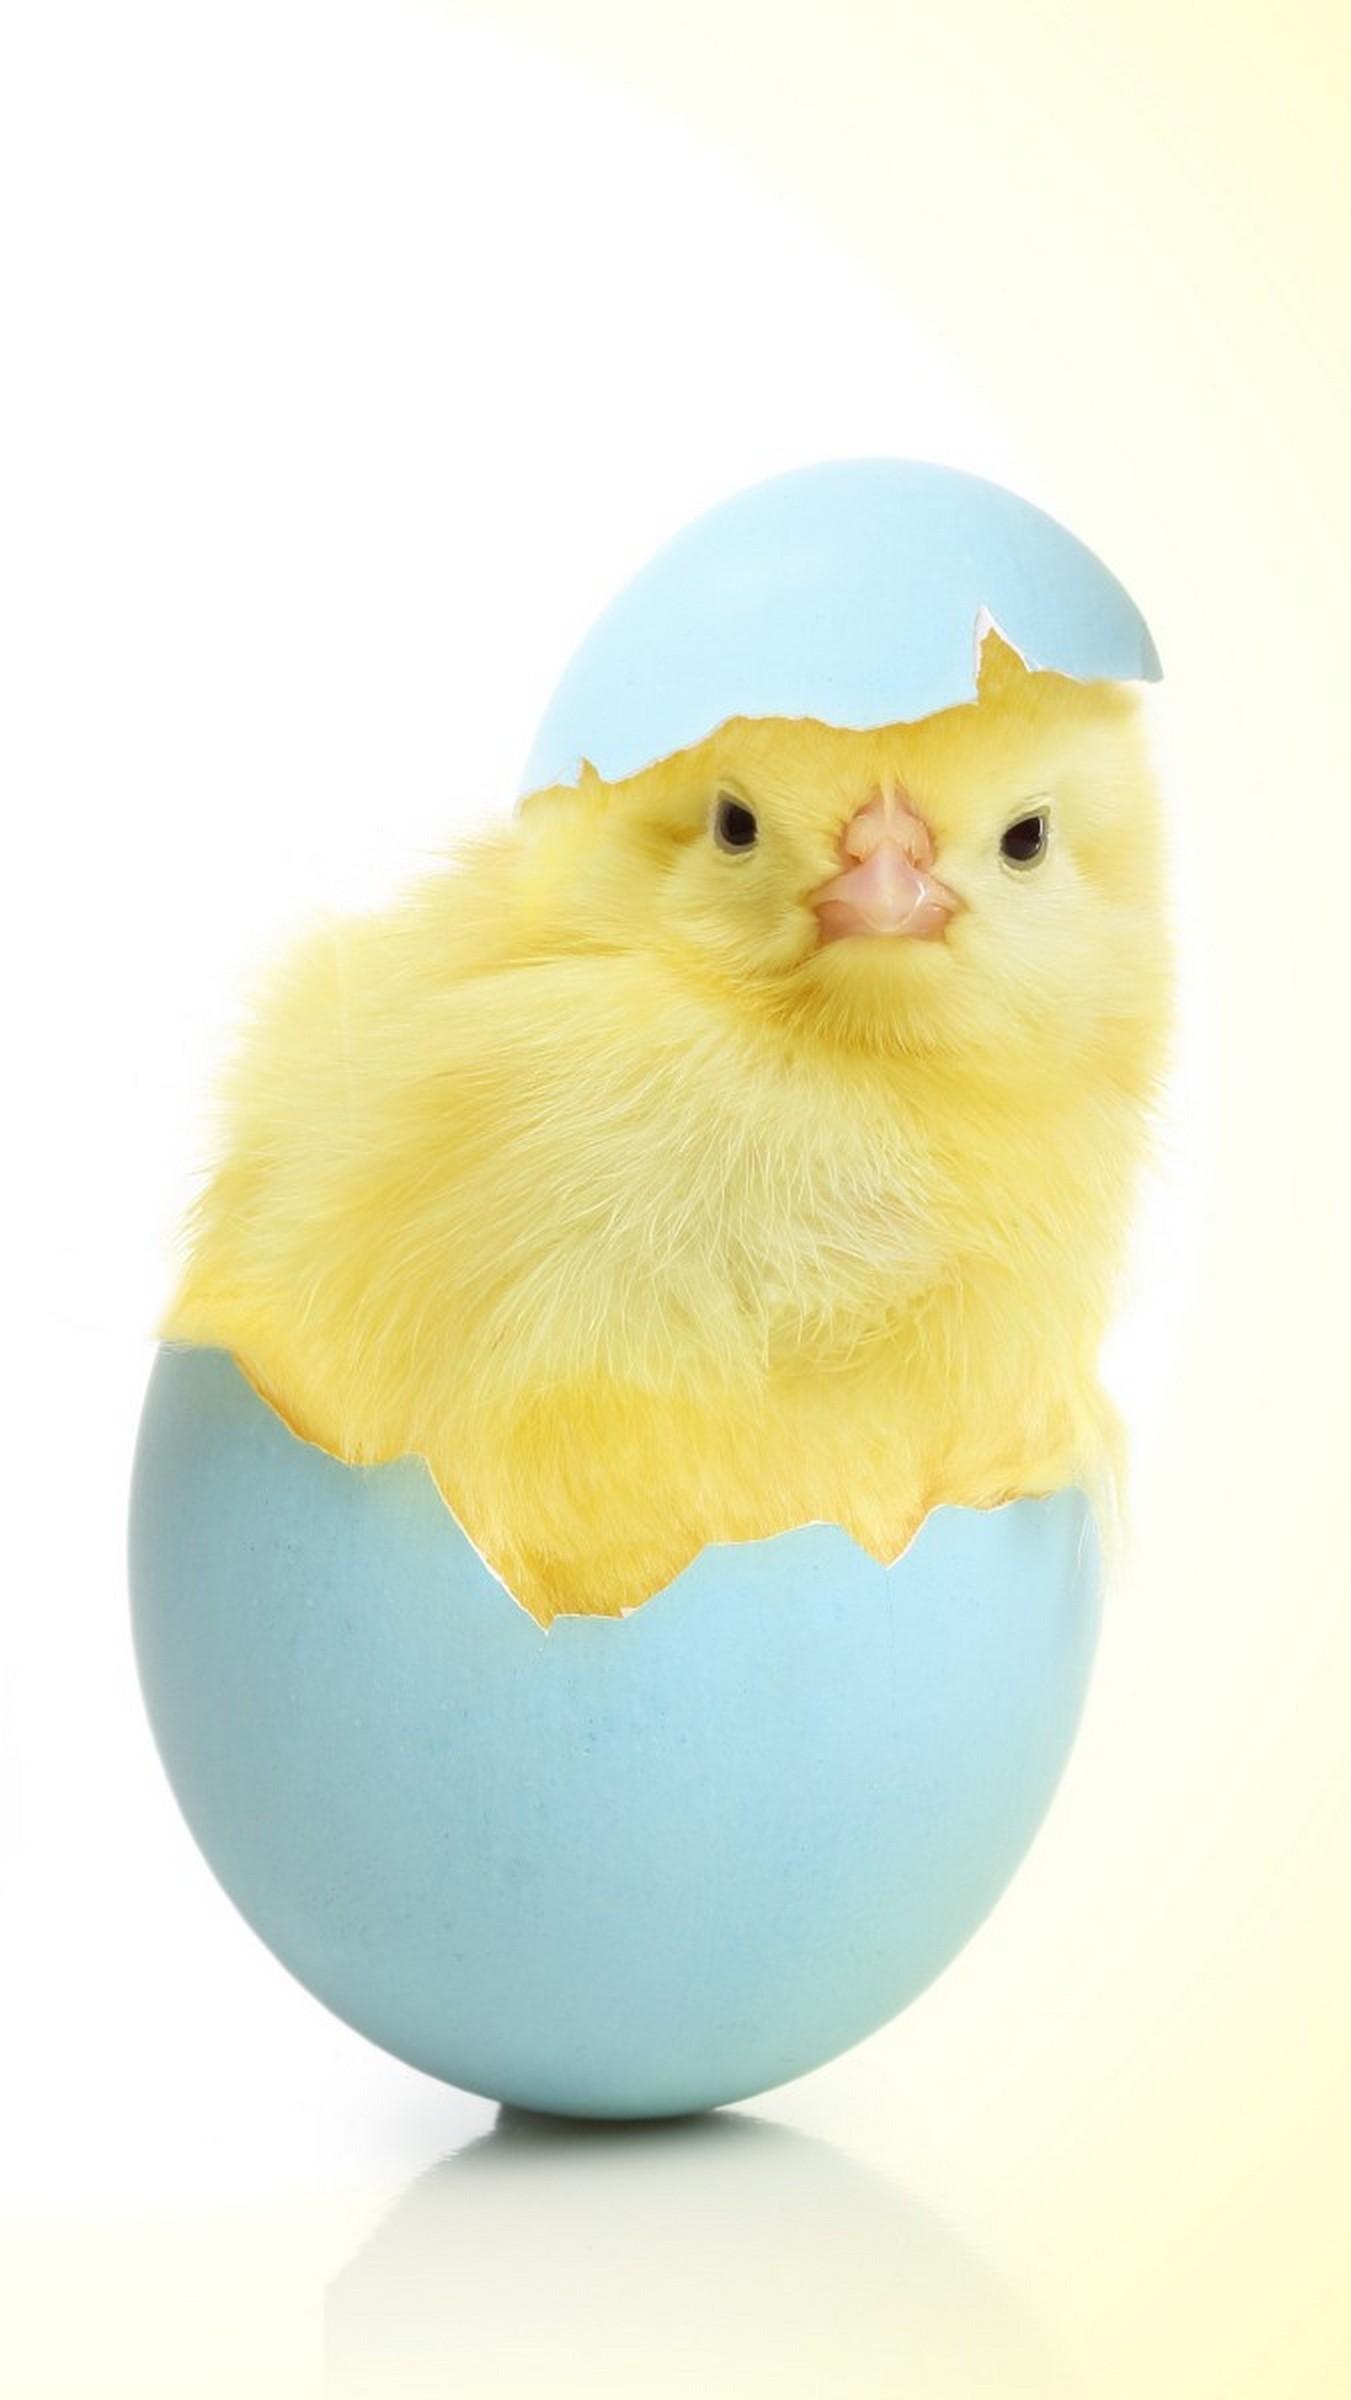 Już nie jestem jajeczko